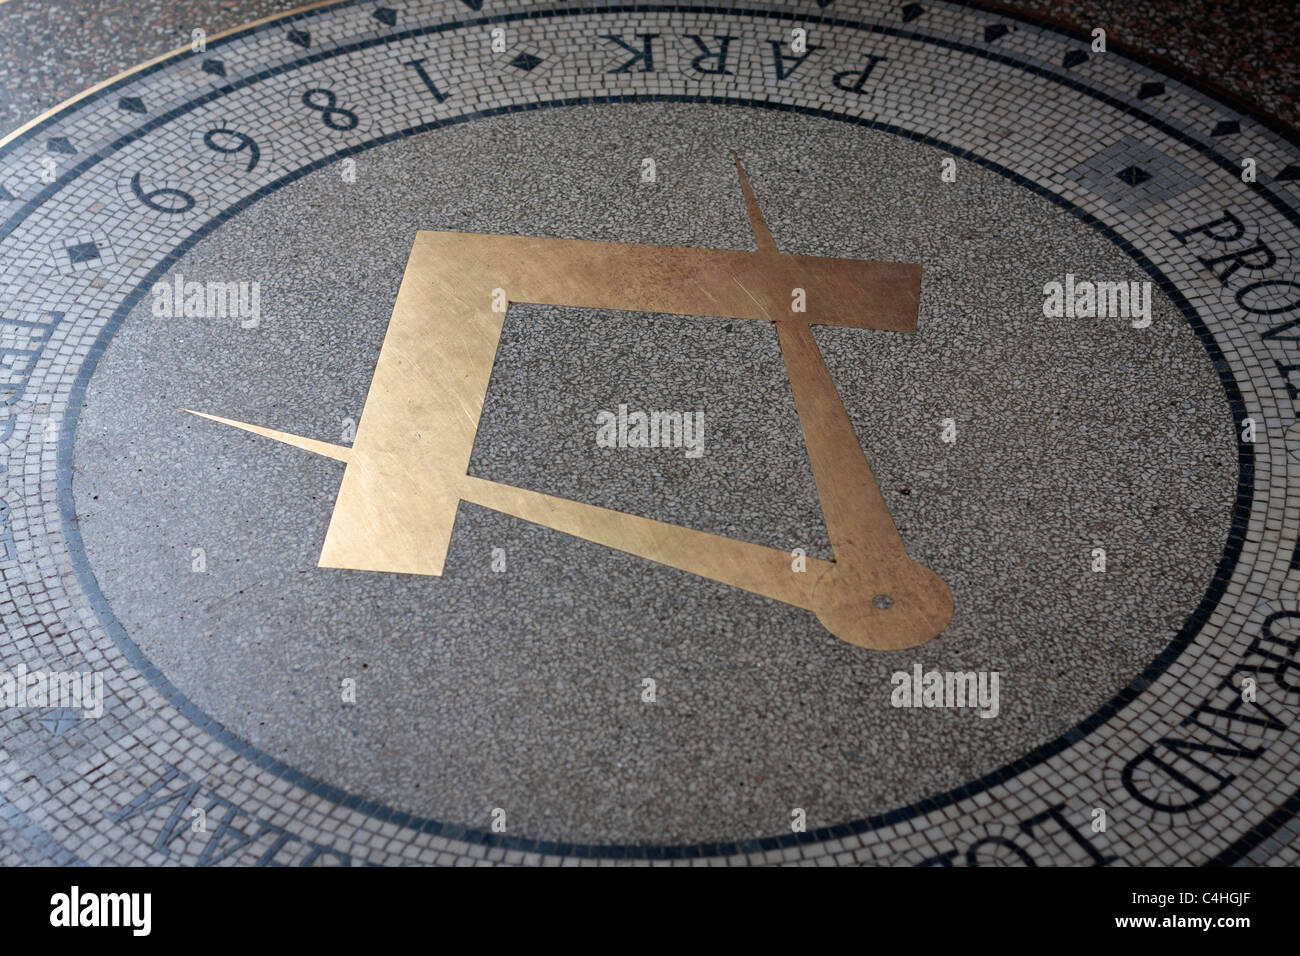 Masonic Symbol Stockfotos & Masonic Symbol Bilder - Alamy